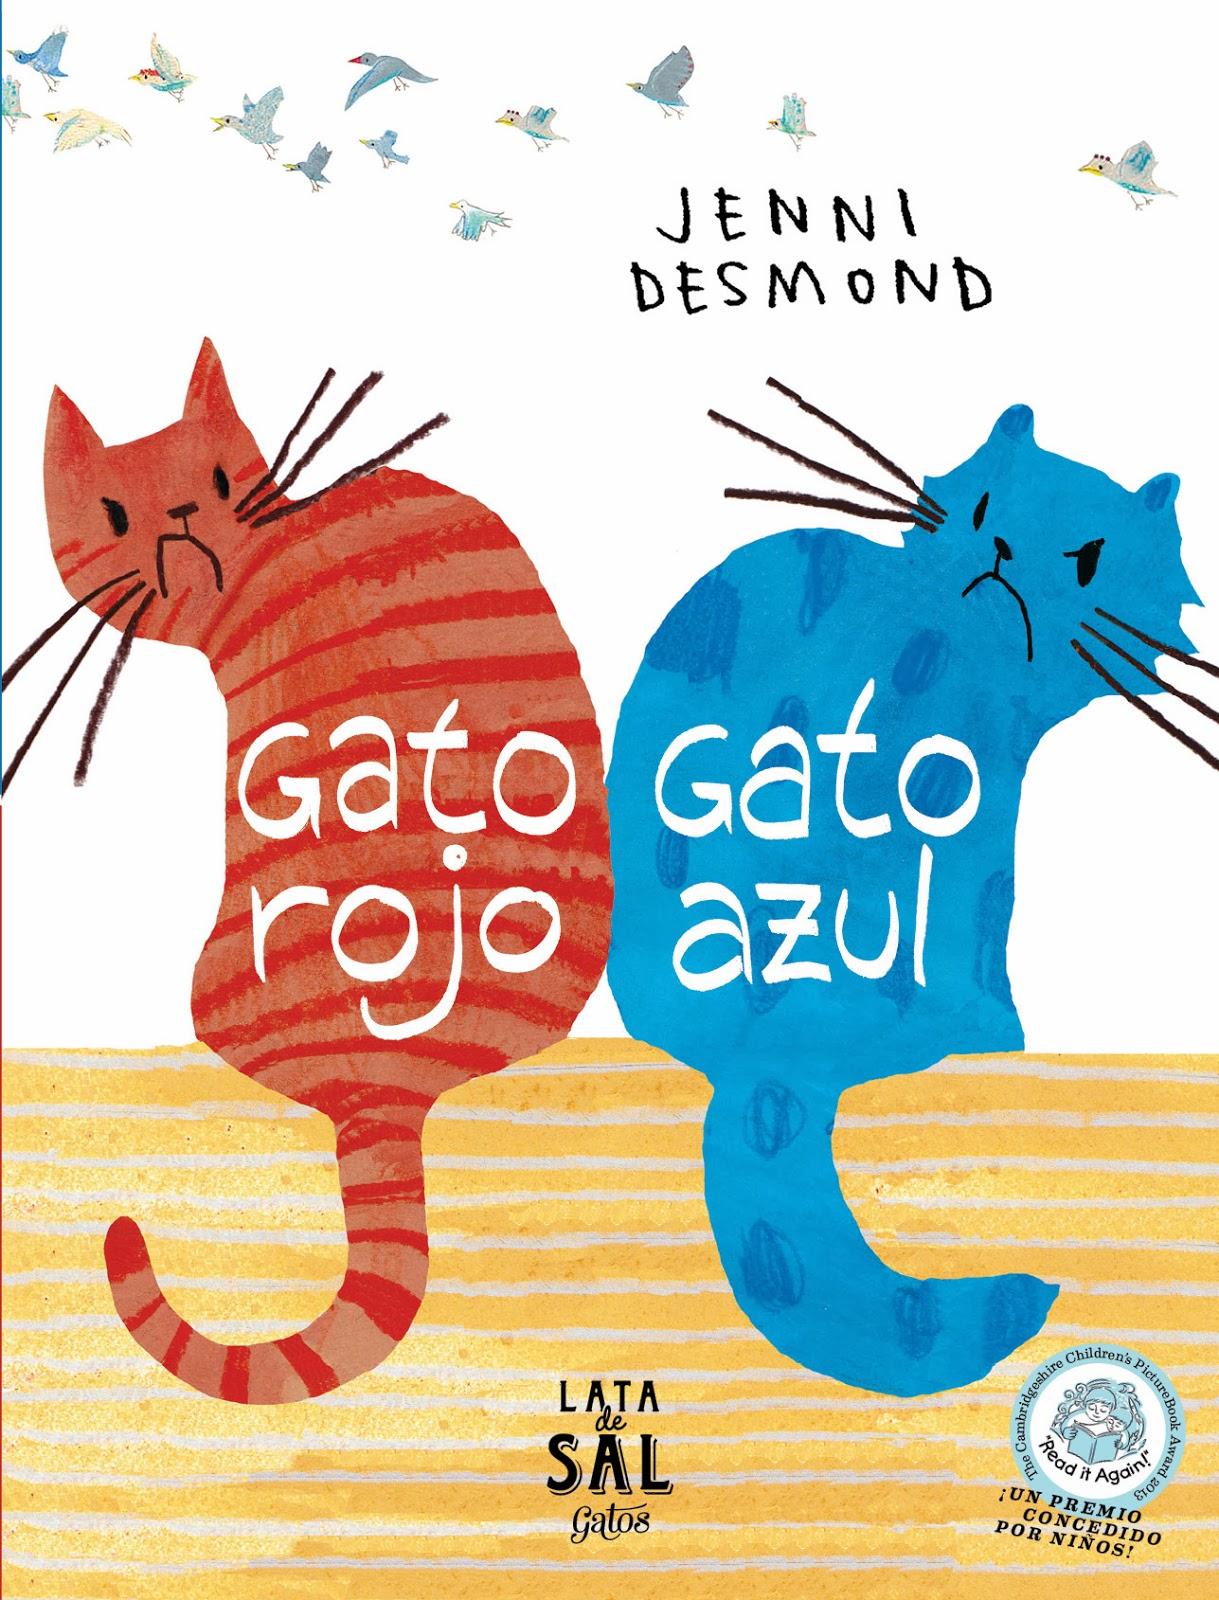 gato-rojo-gato-azul